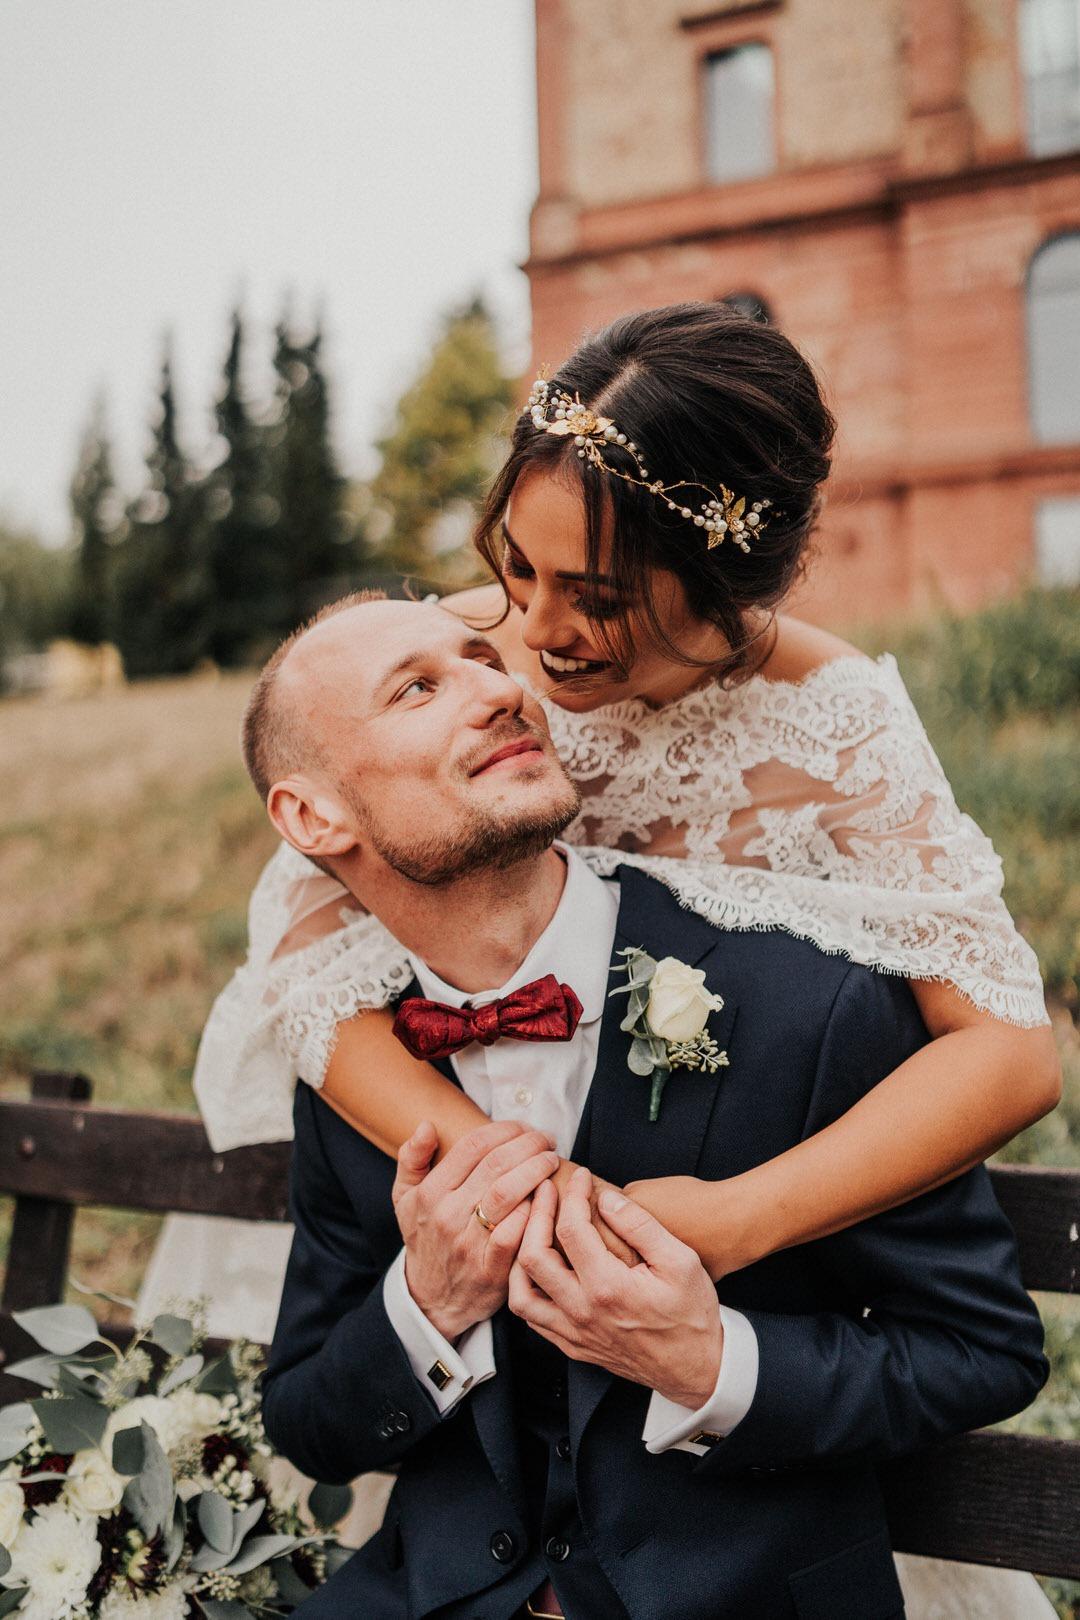 Brautpaar Fotos im Sitzen bei Hochzeits-Fotoshooting